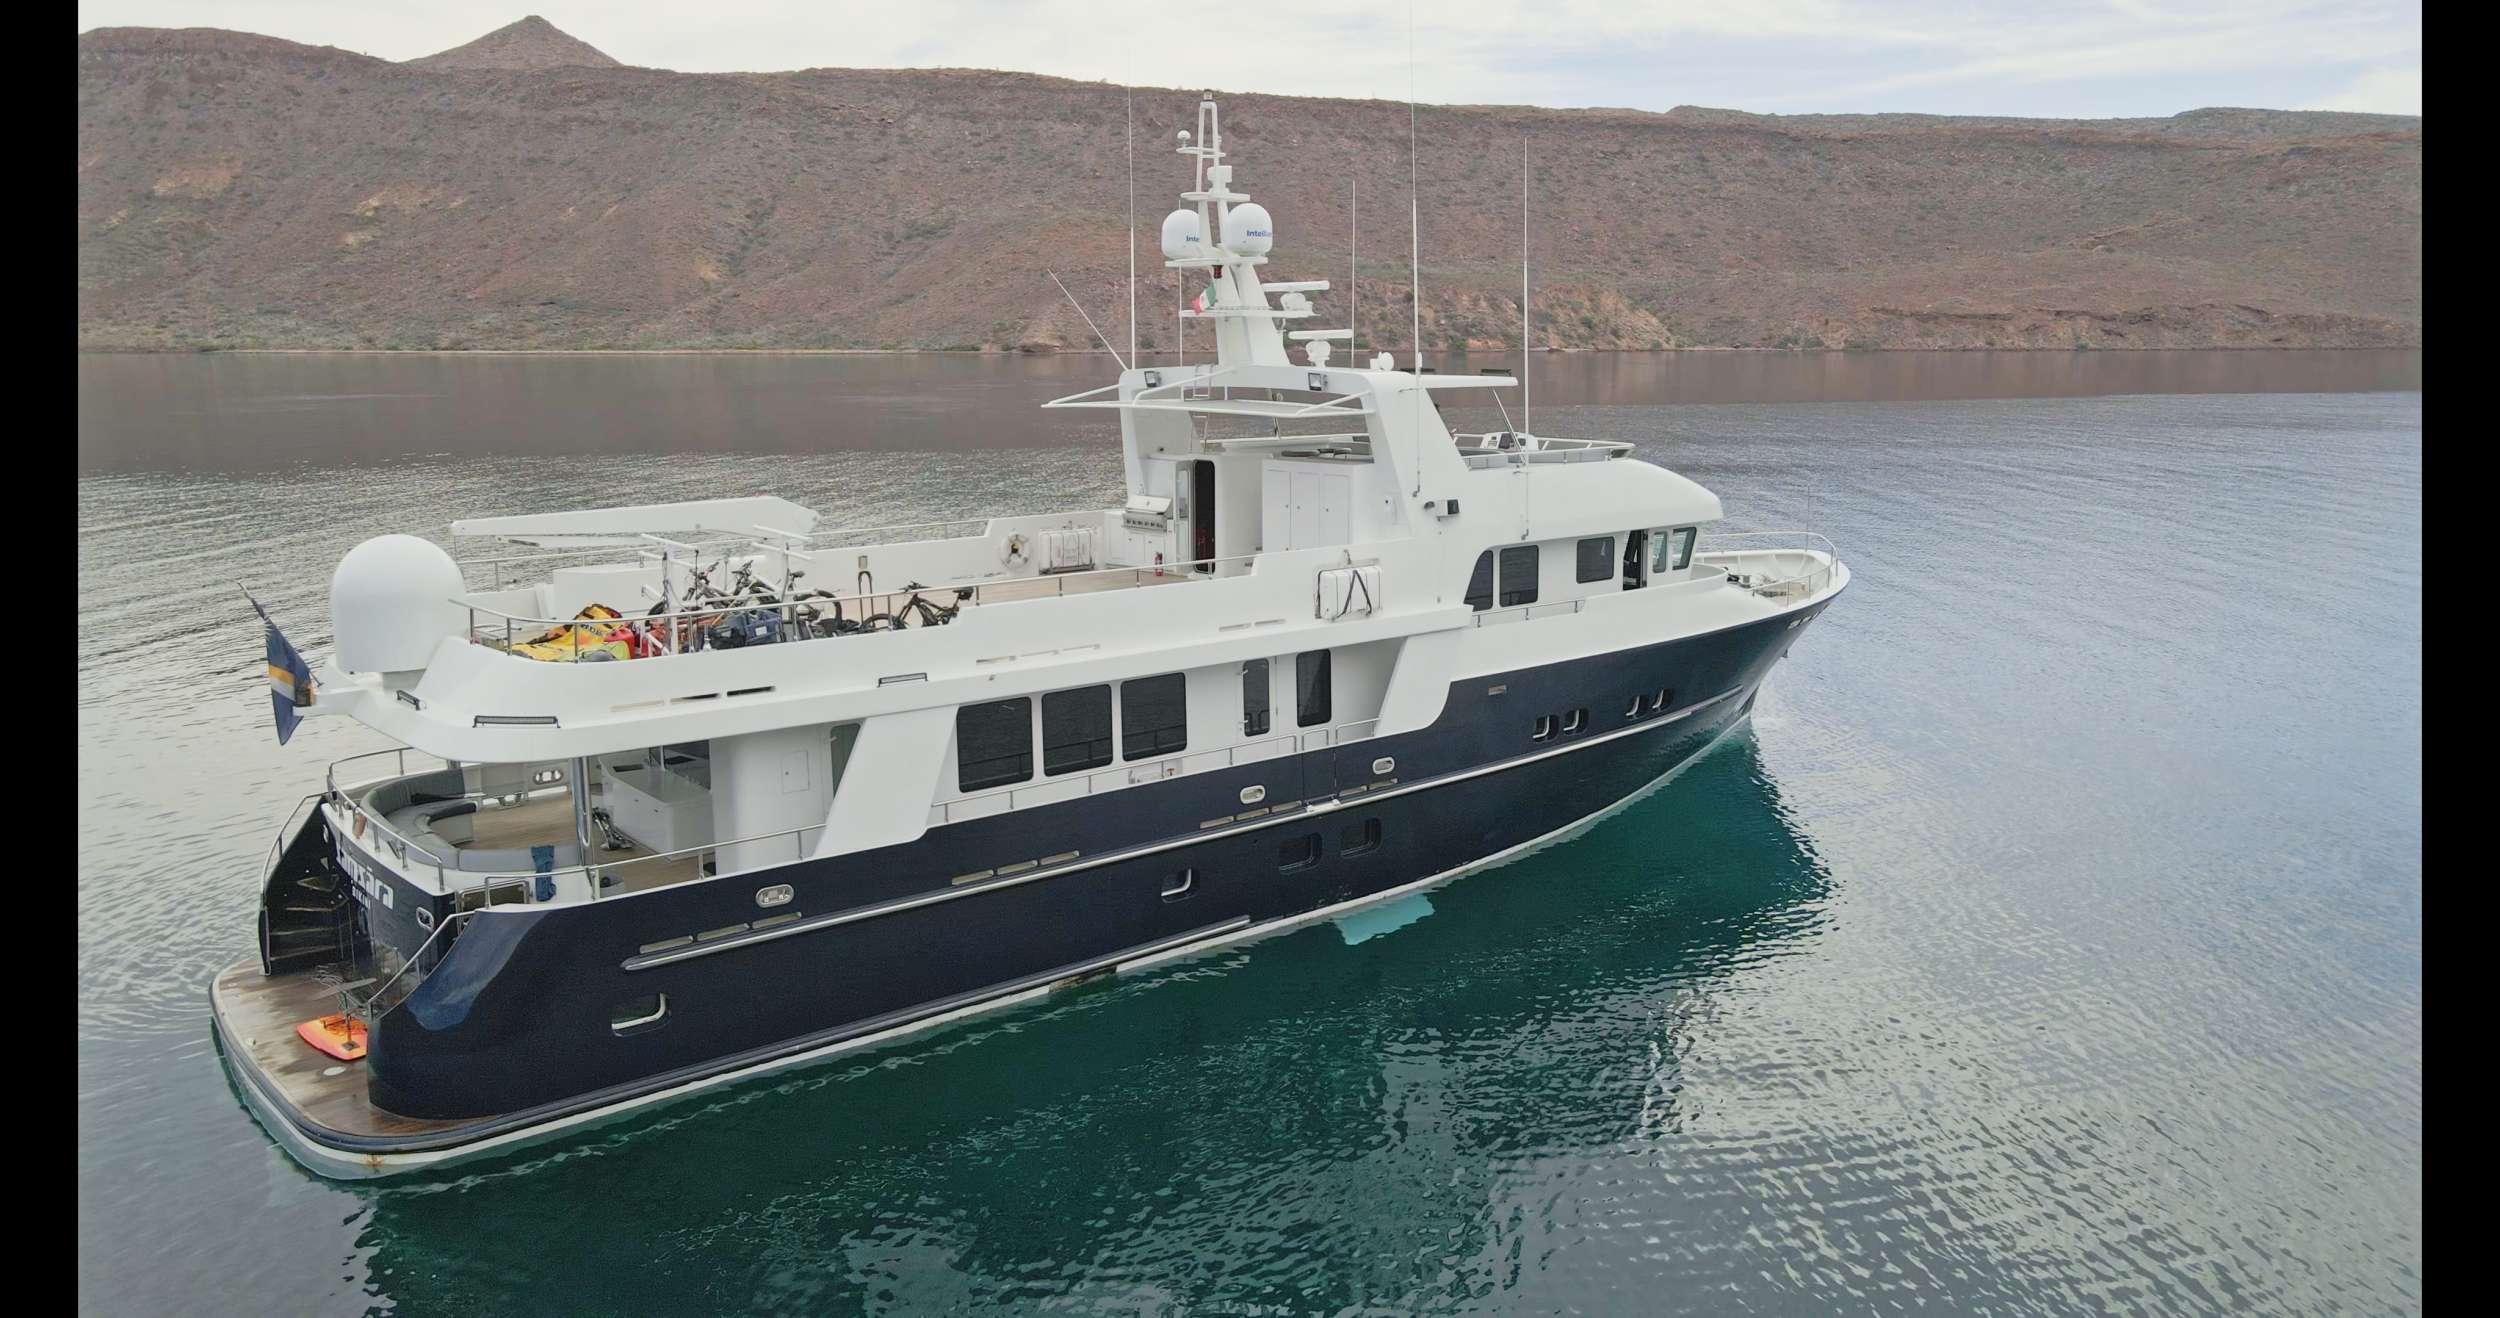 Image of Samsara yacht #9